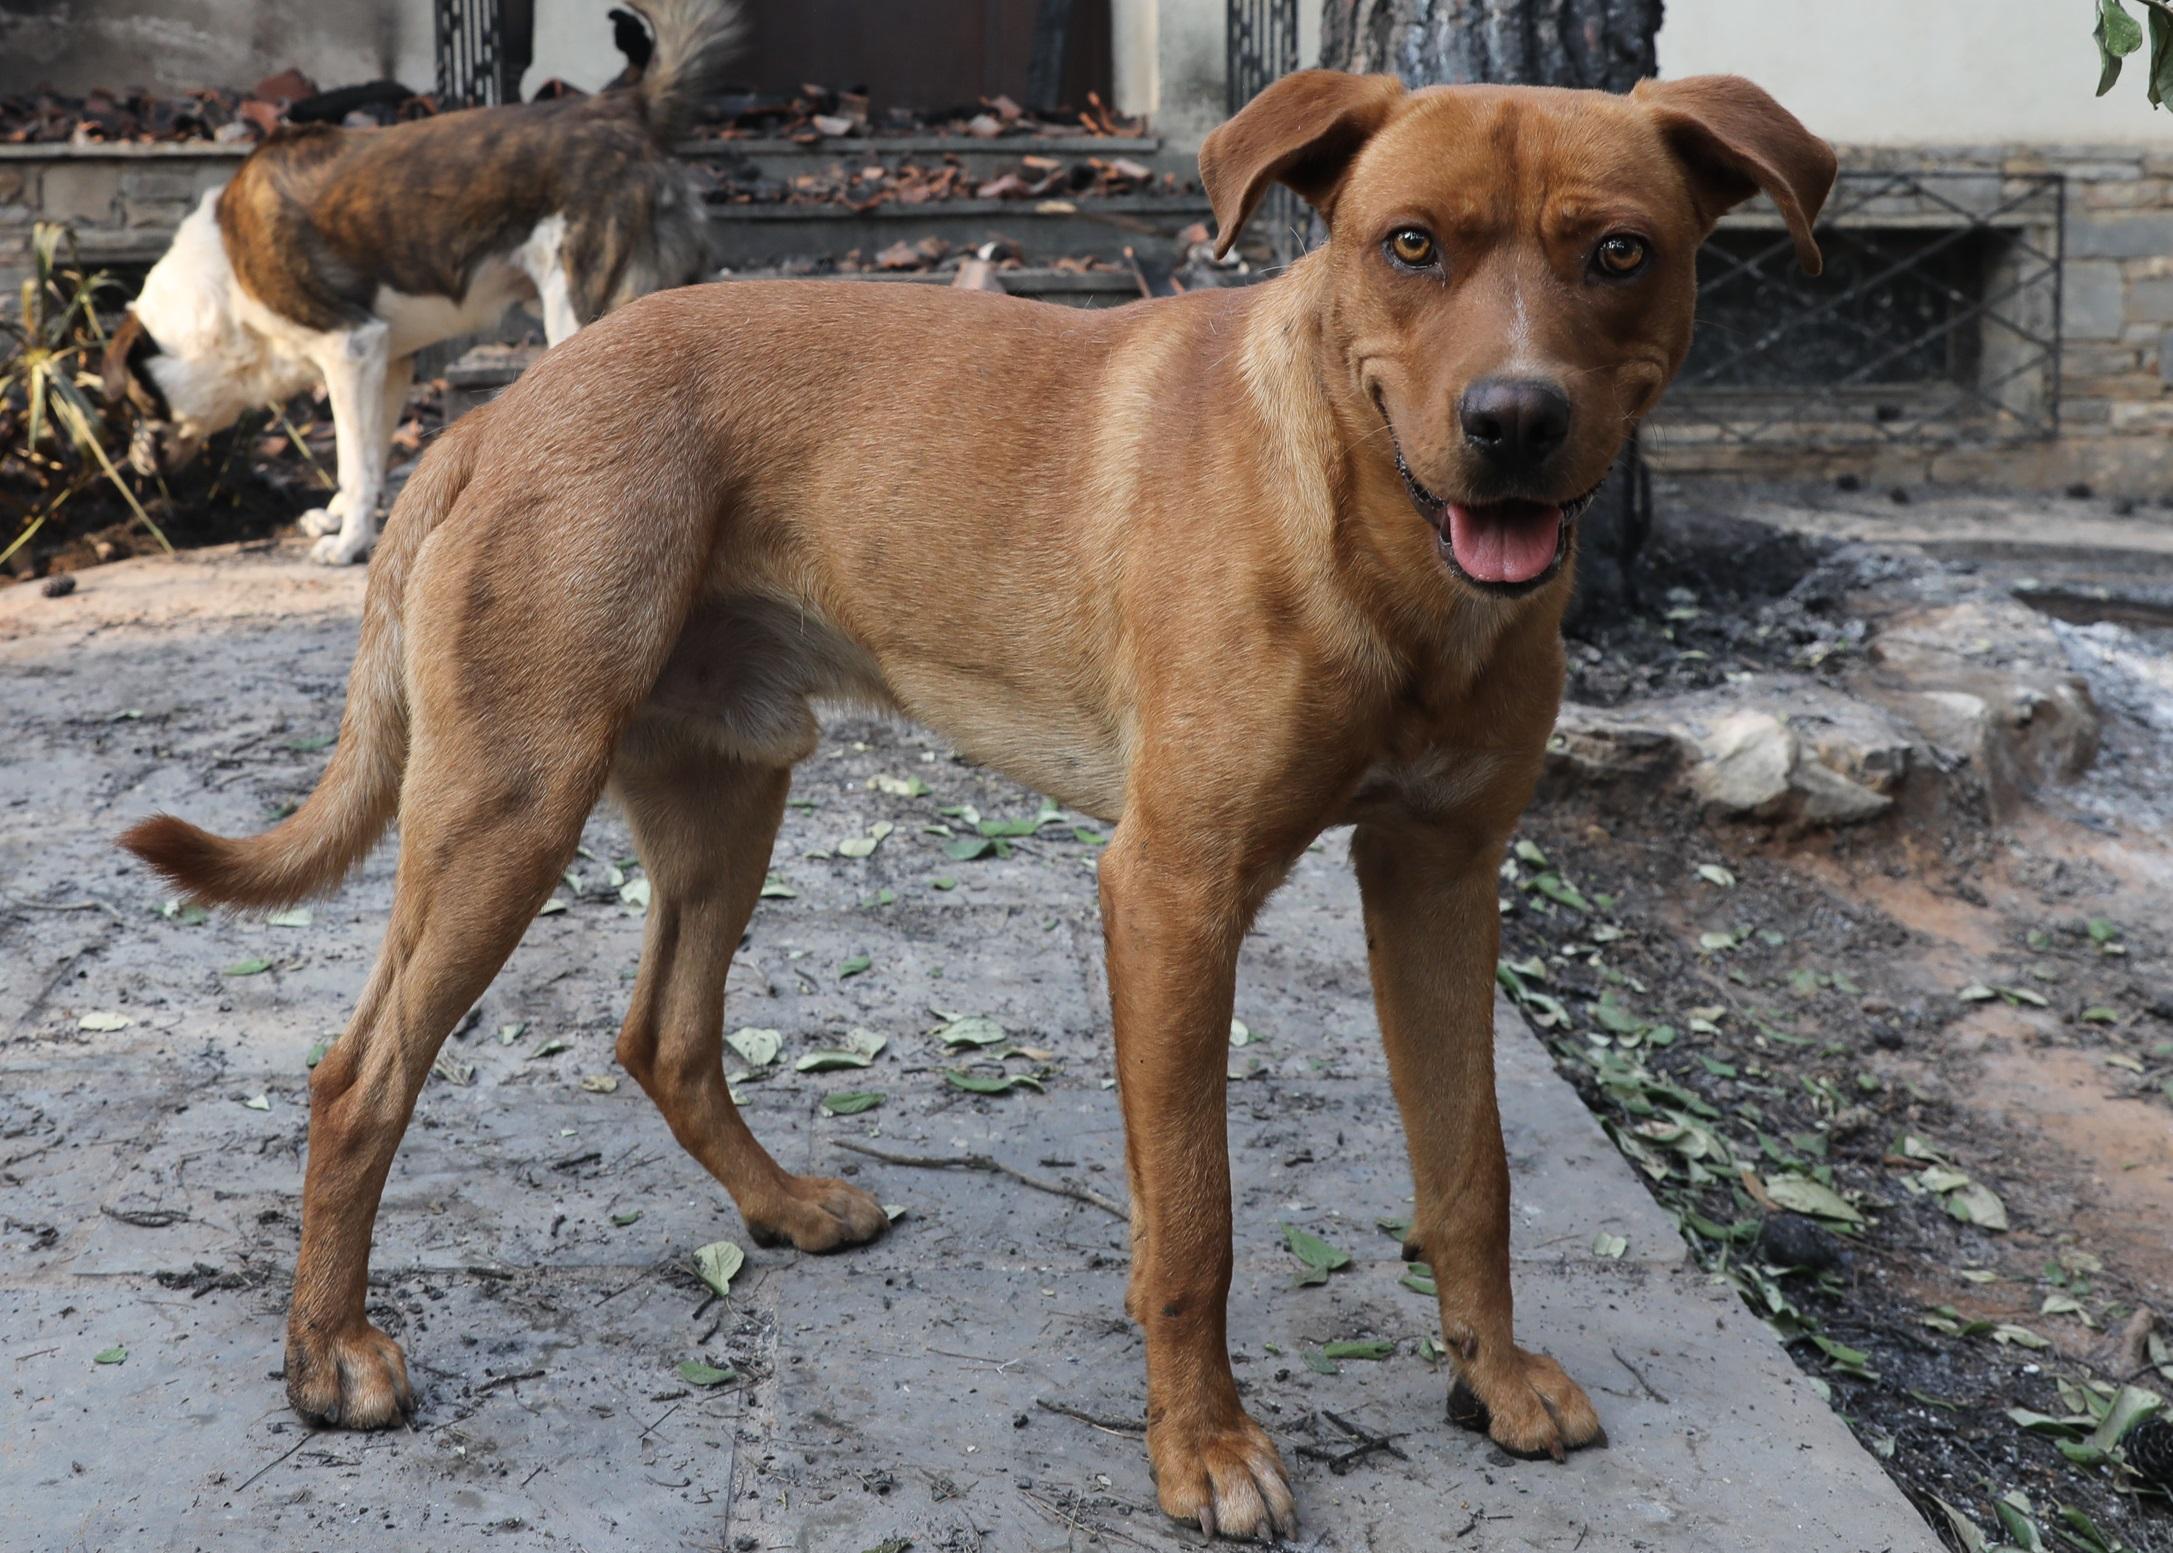 Κτηνωδία στην Κρήτη – Πυροβόλησαν και σκότωσαν σκύλο έξω από το σπίτι του